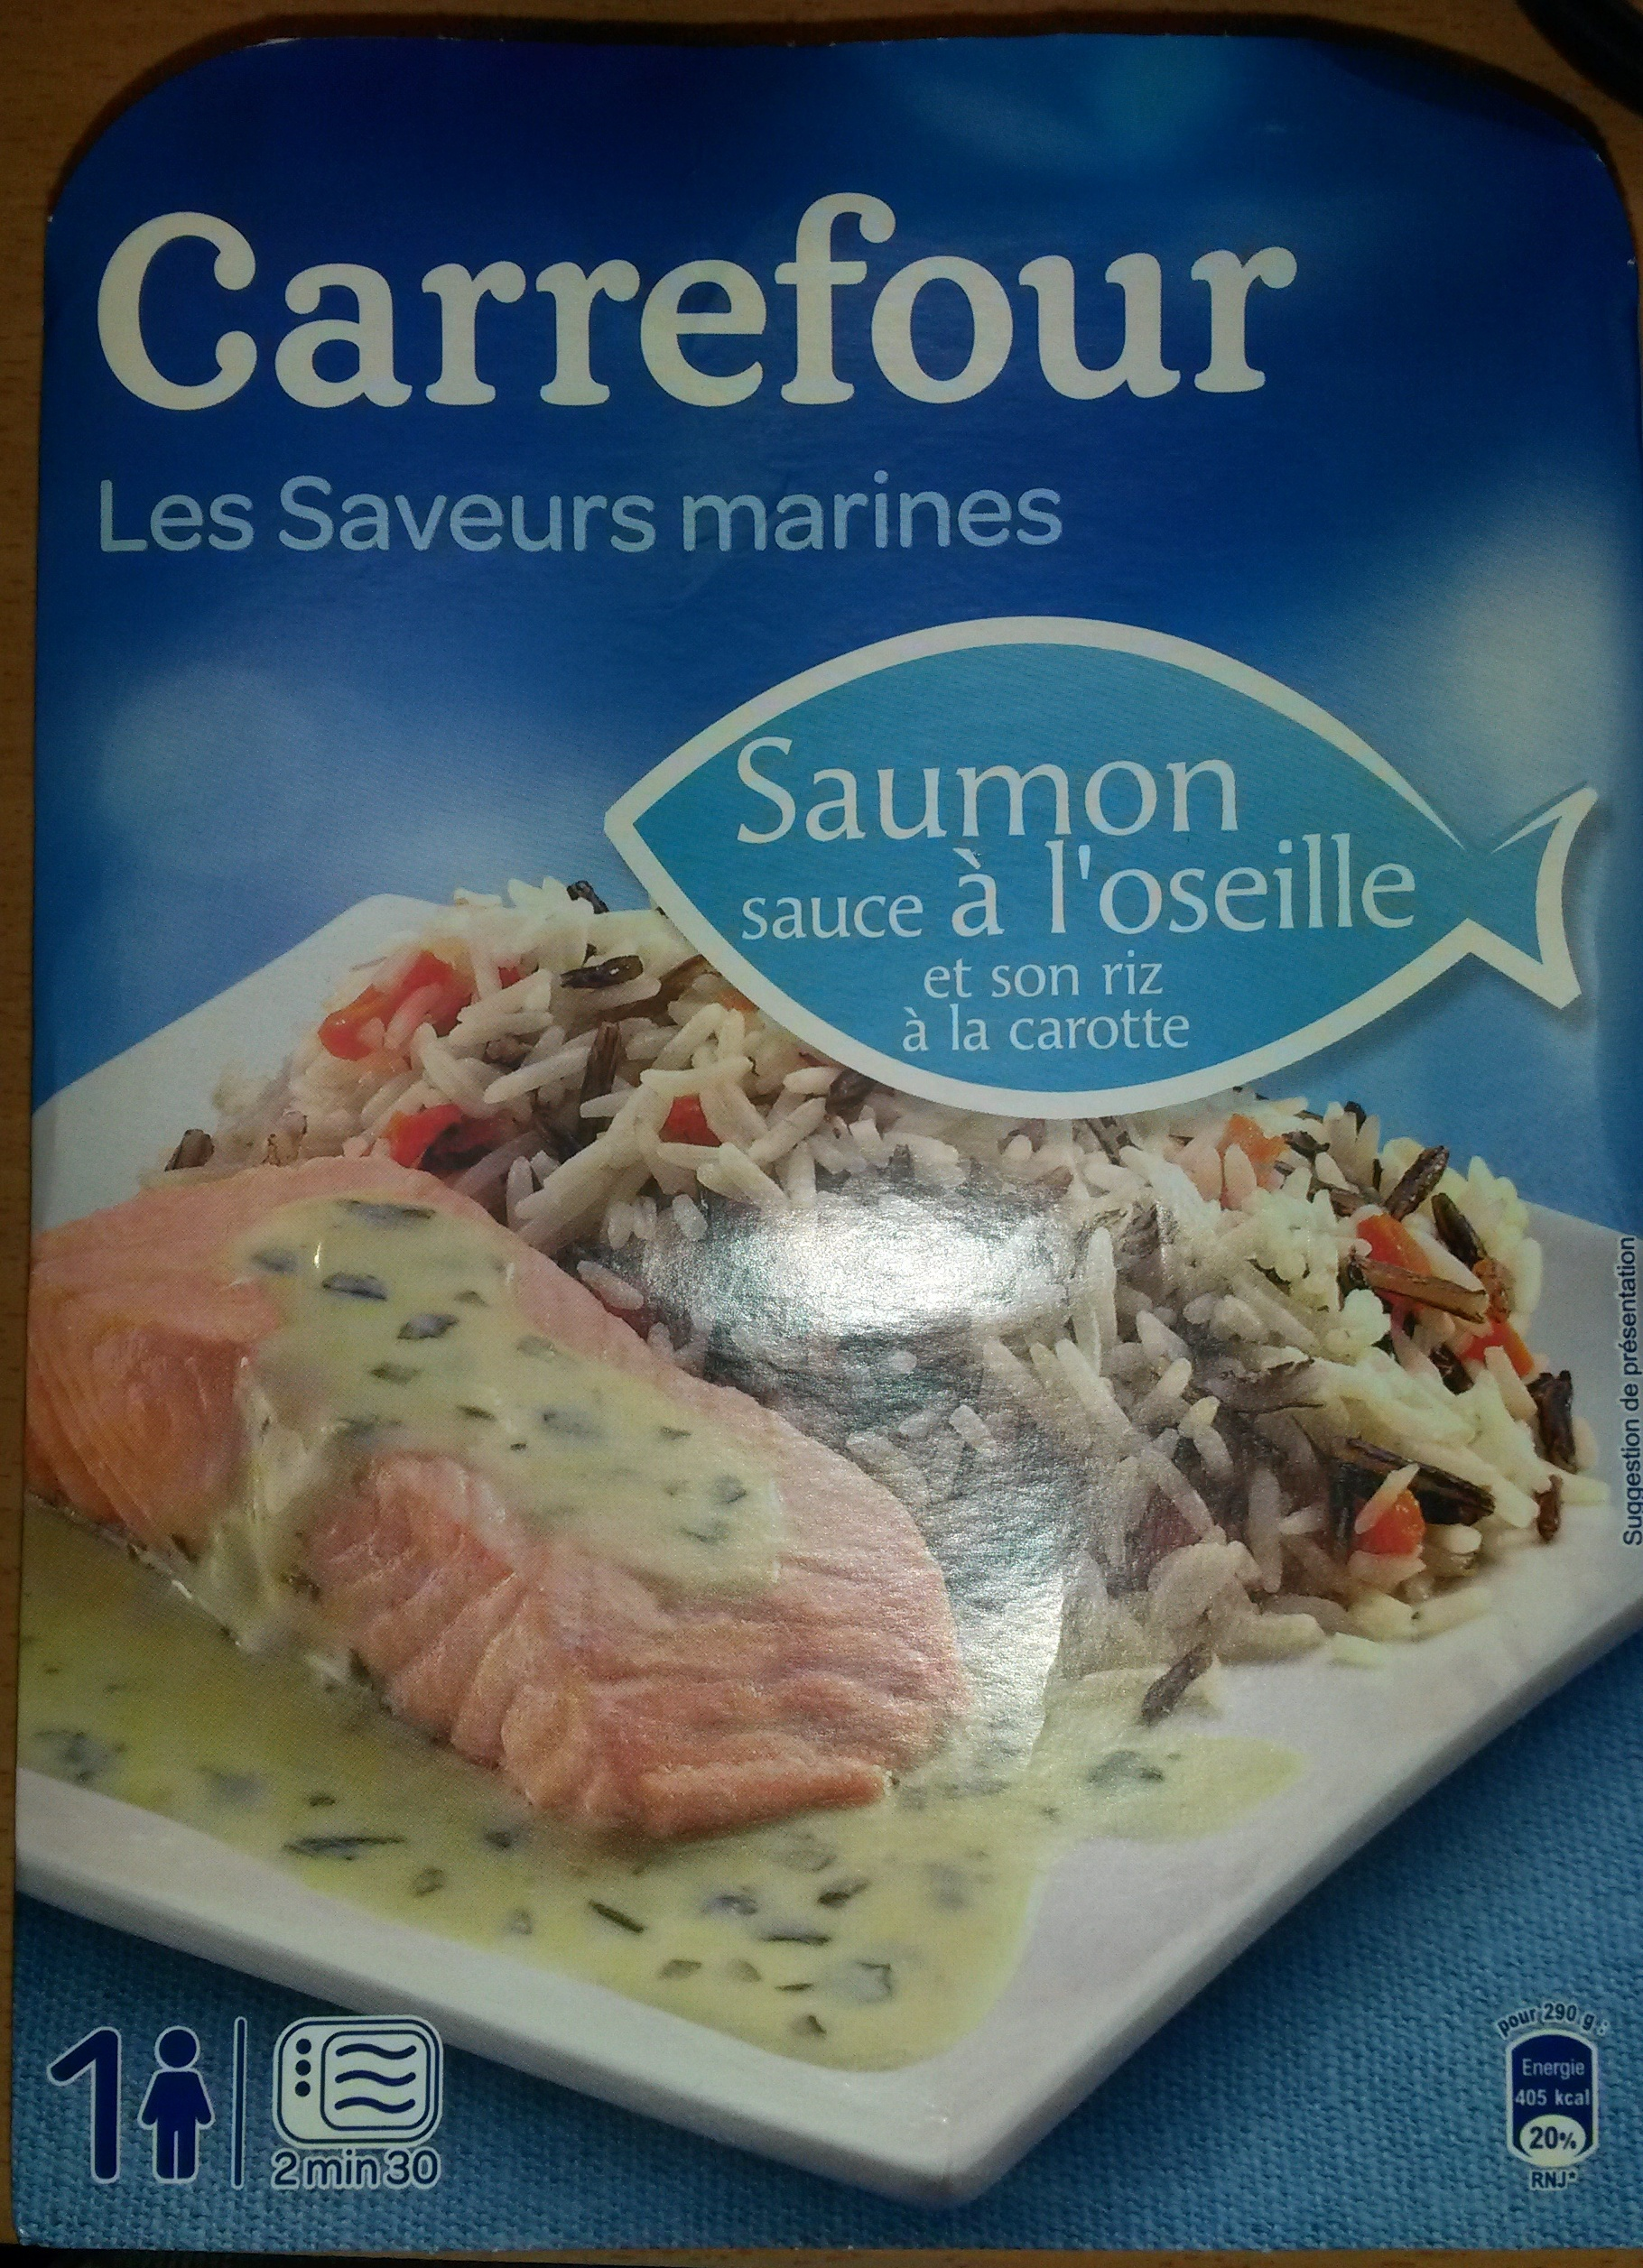 Saumon sauce à l'oseille et son riz à la carotte - Produit - fr